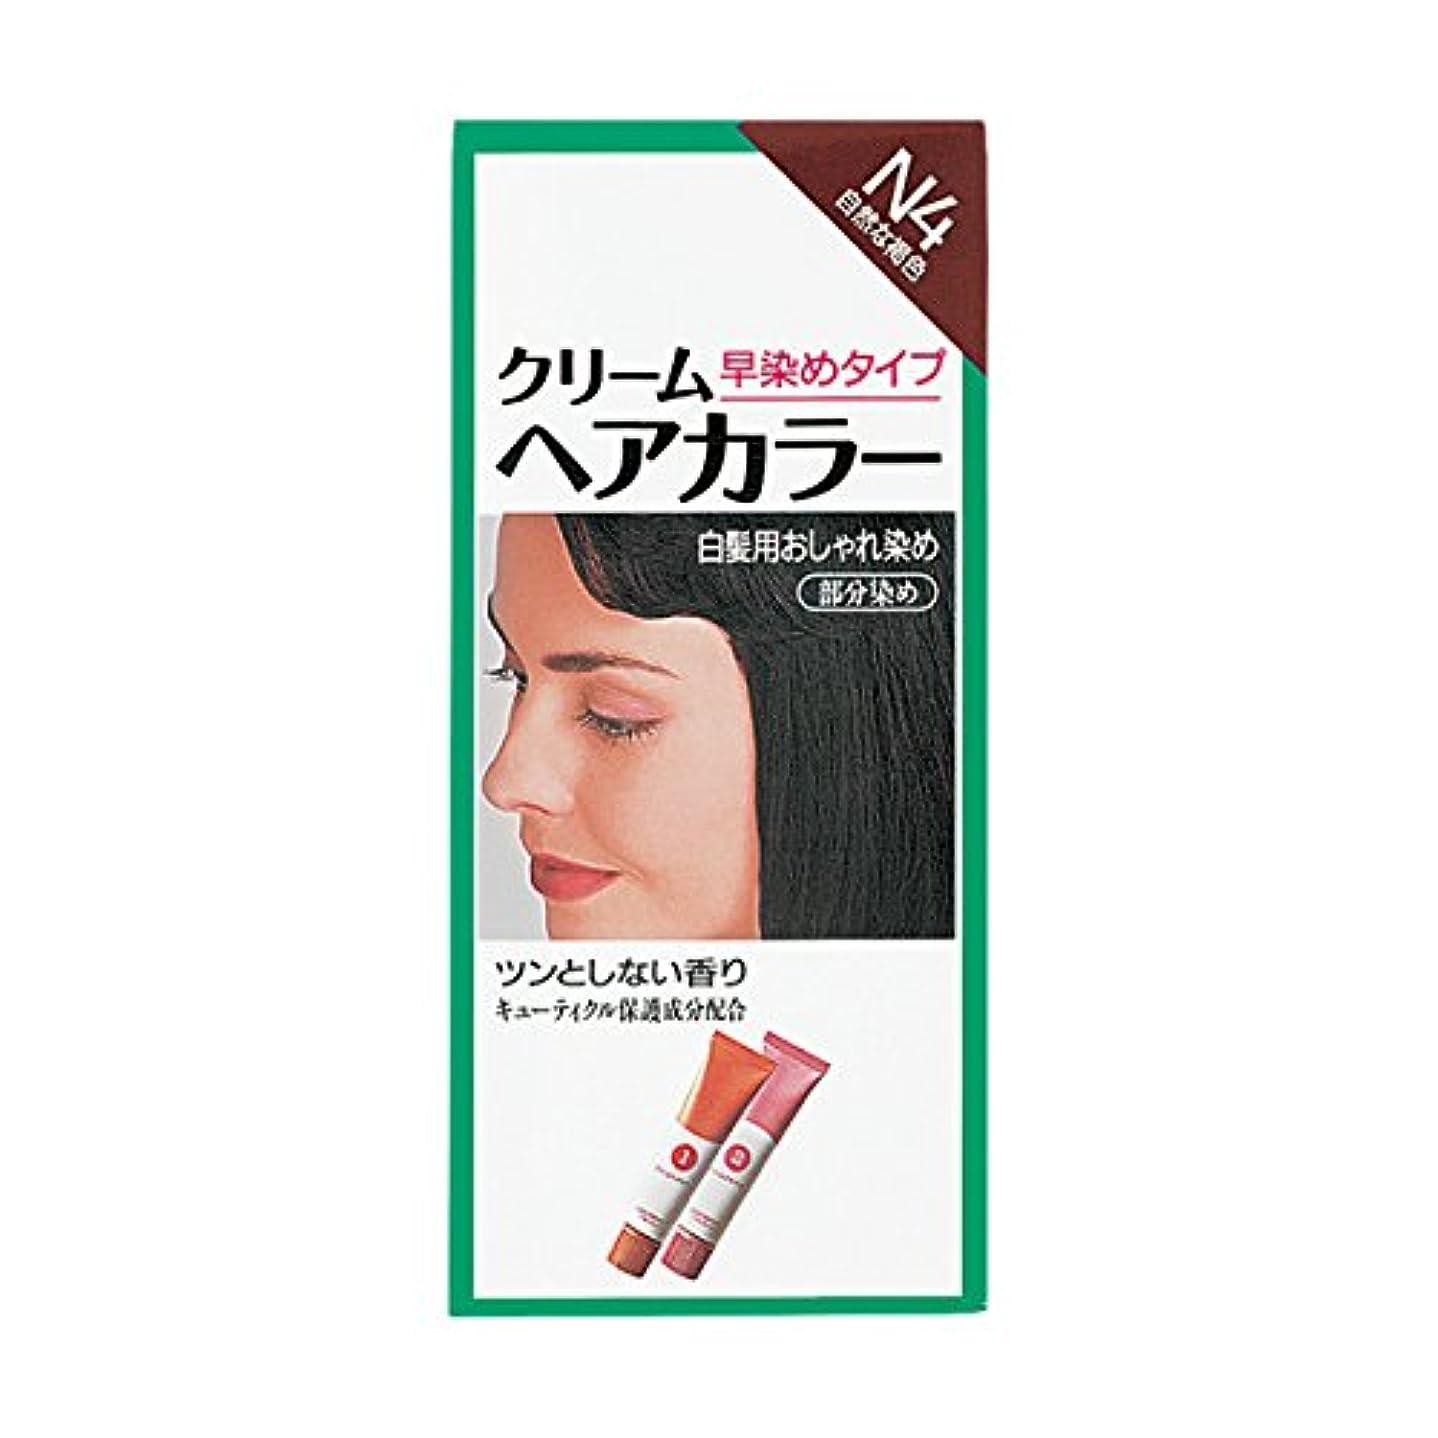 低いにおい迅速ヘアカラー クリームヘアカラーN N4 【医薬部外品】